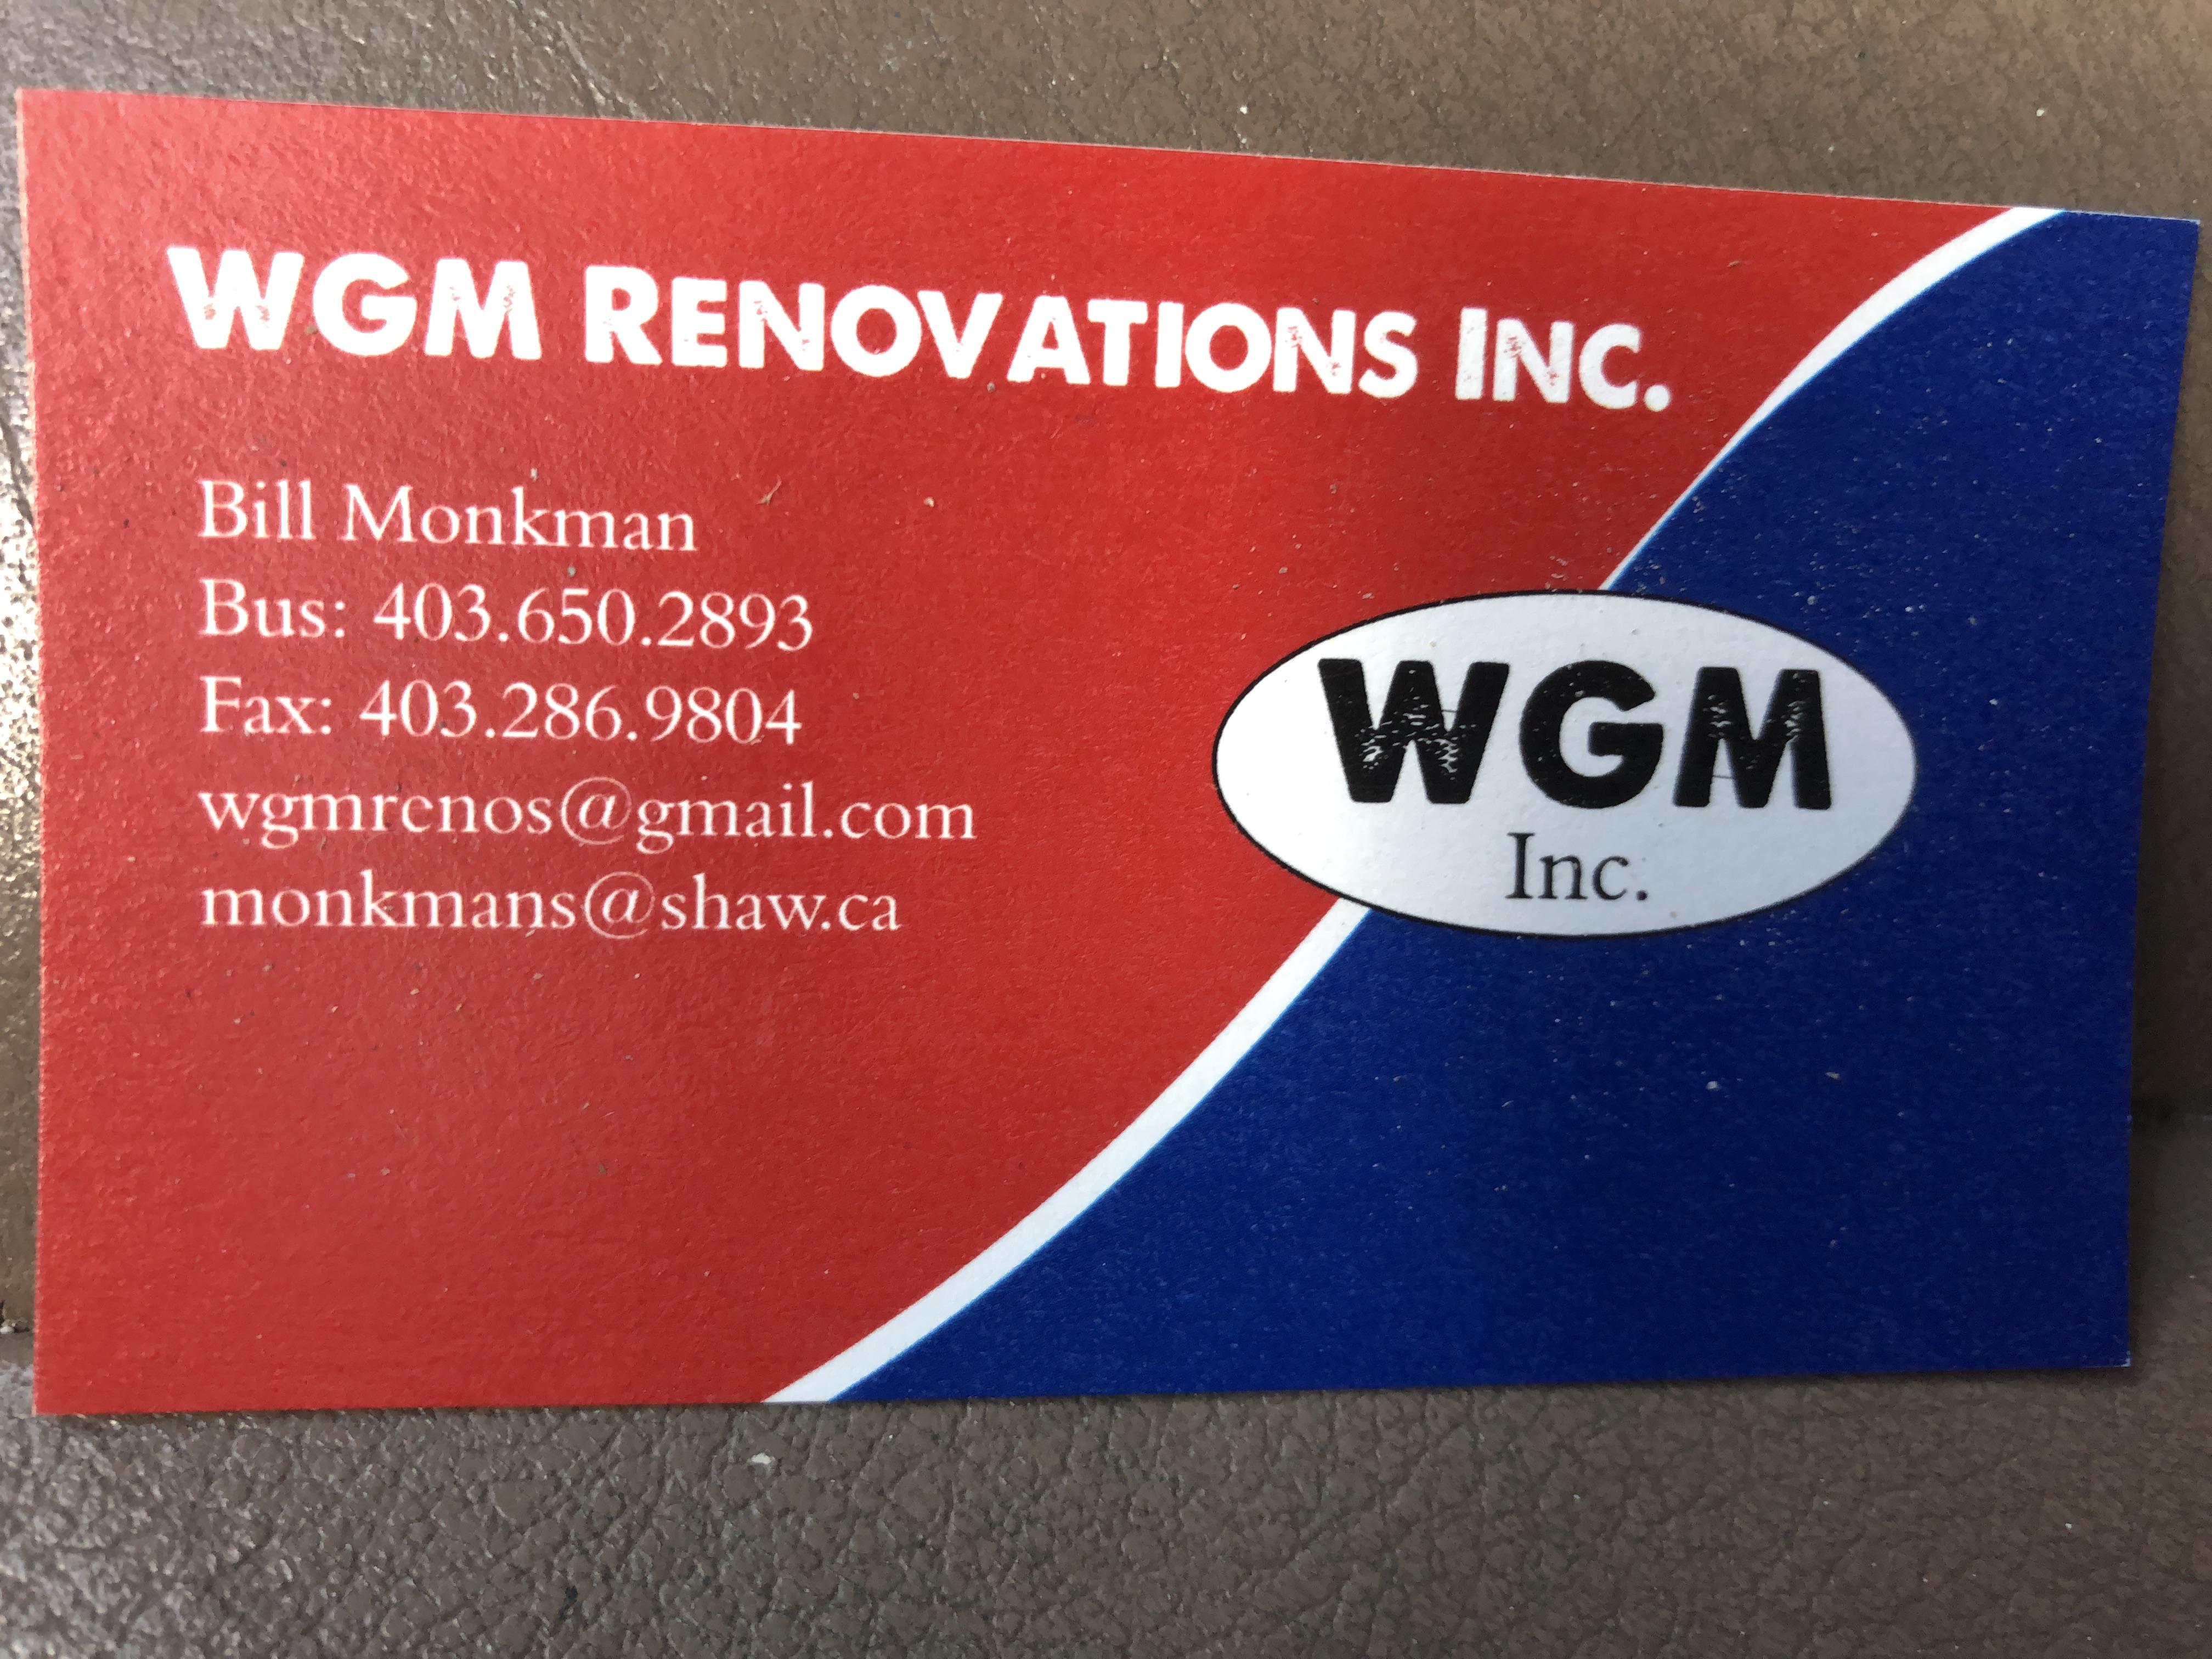 WGM renovations Inc.